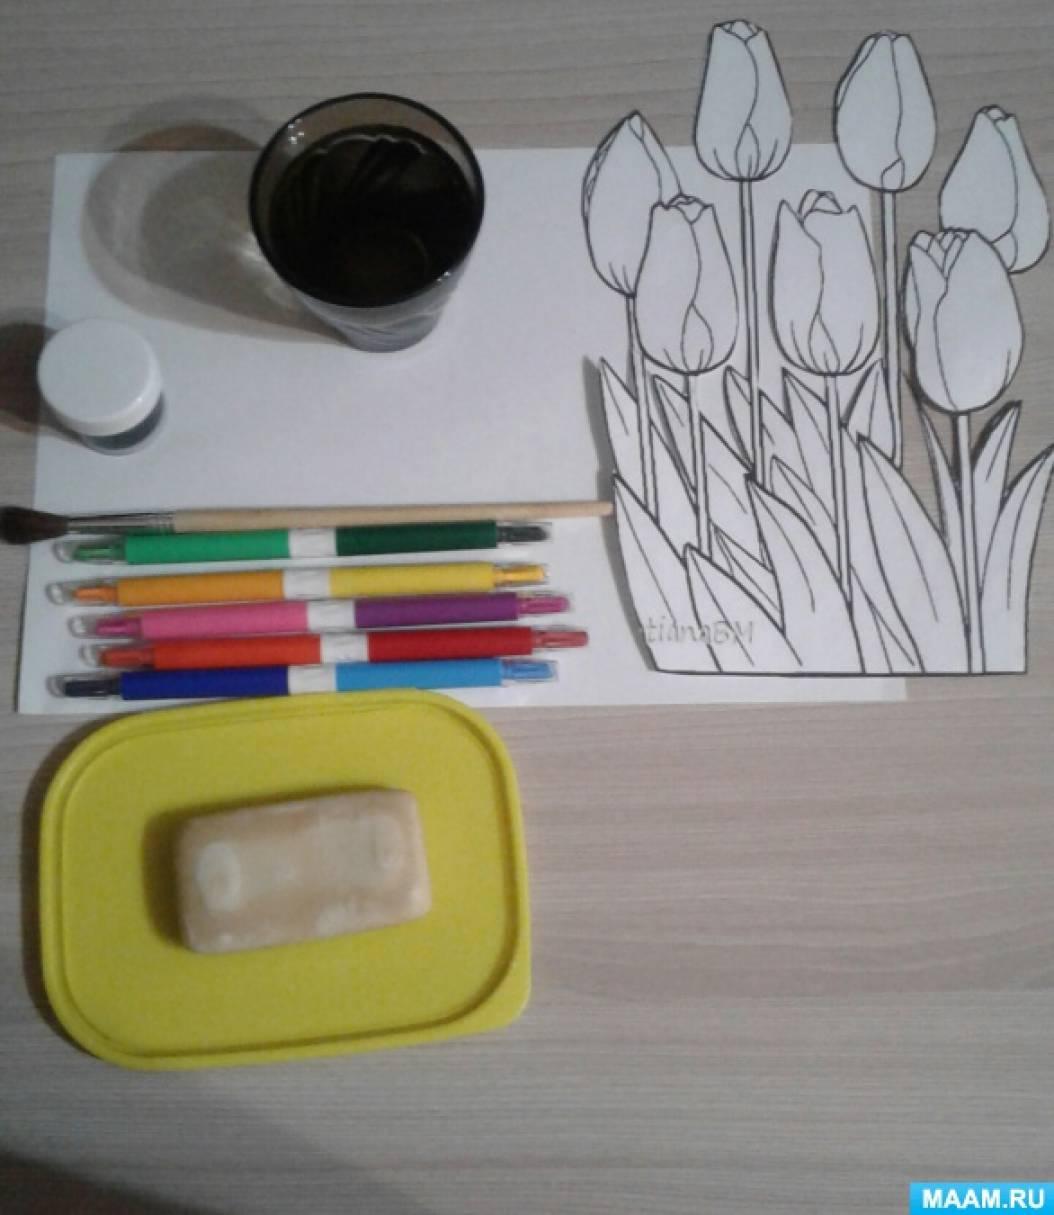 Мастер-класс по нетрадиционному рисованию в технике «Граттаж»